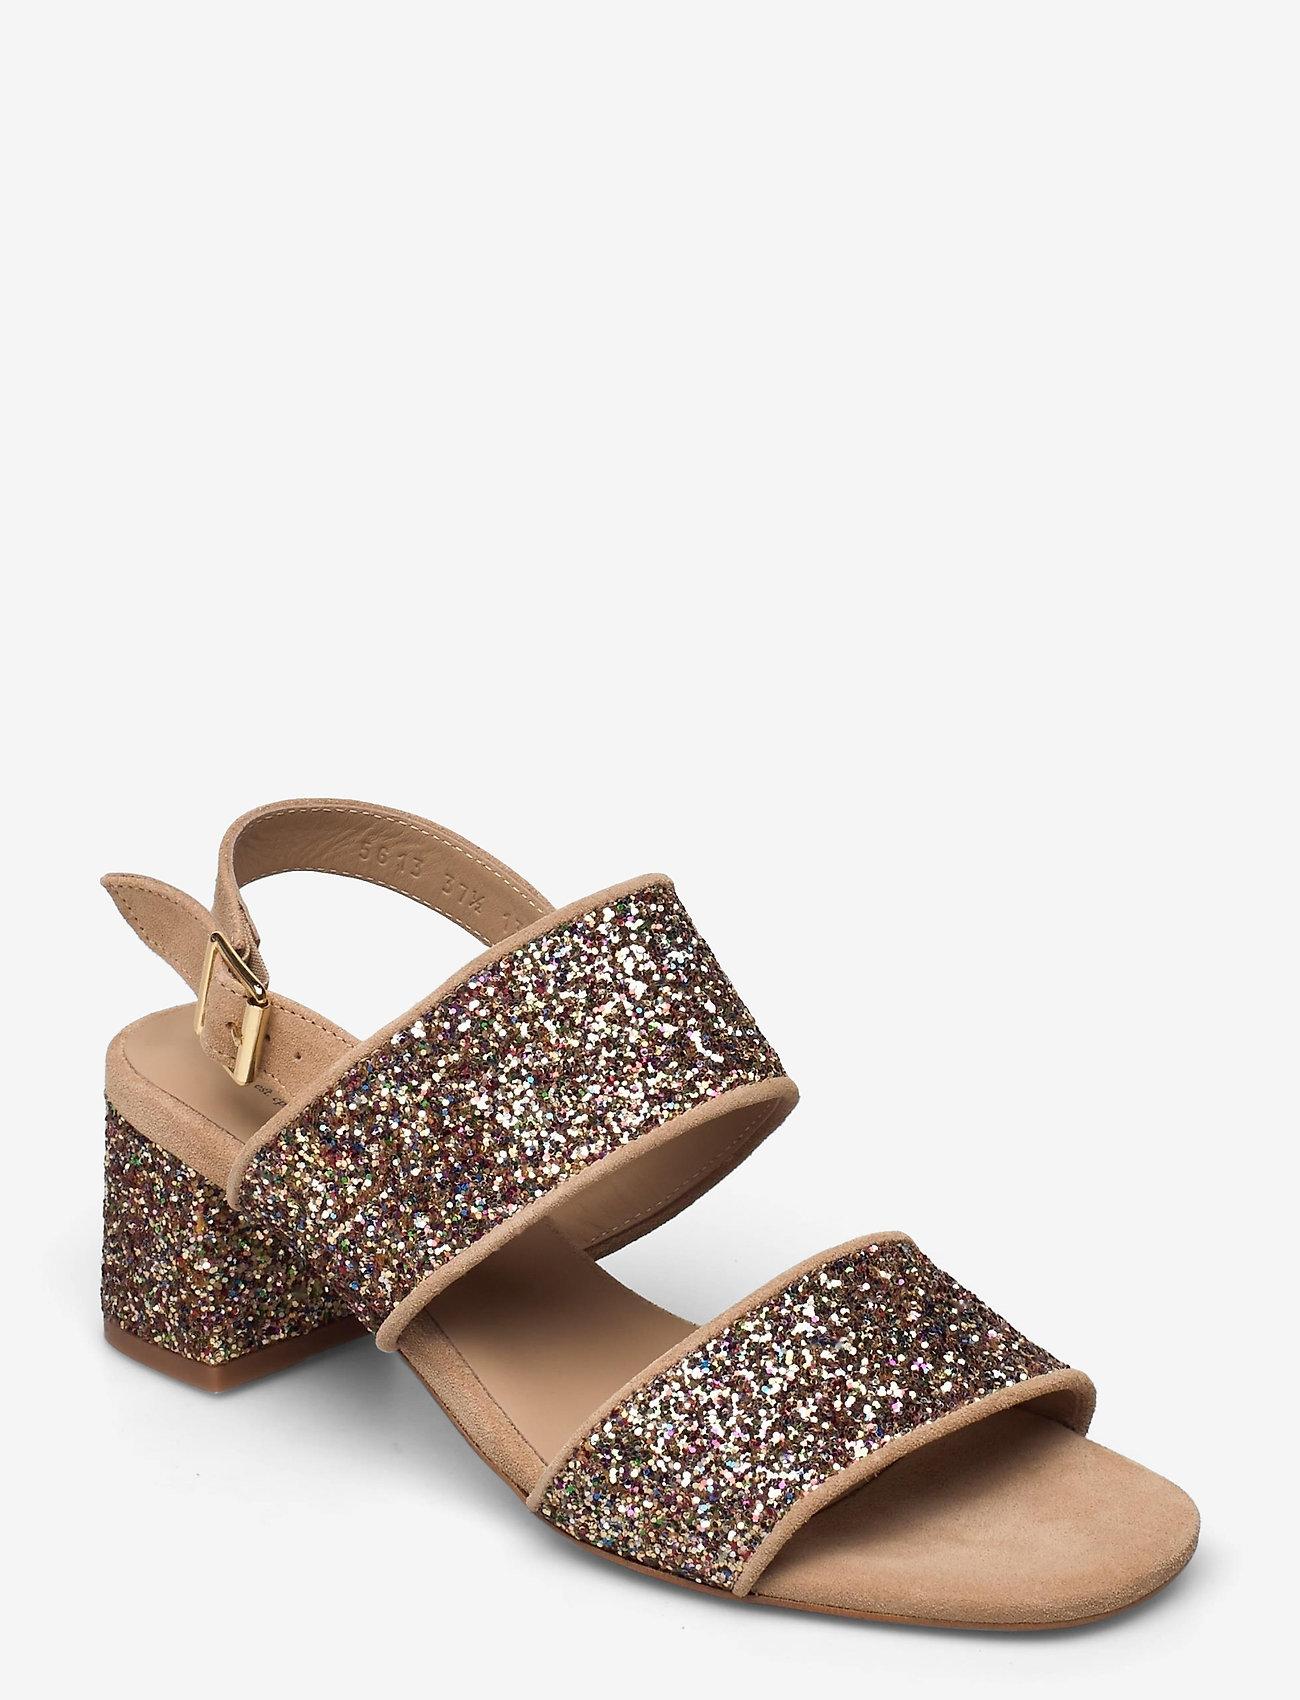 ANGULUS - Sandals - Block heels - sandalen mit absatz - 1149/2488 sand/multi glitter - 0